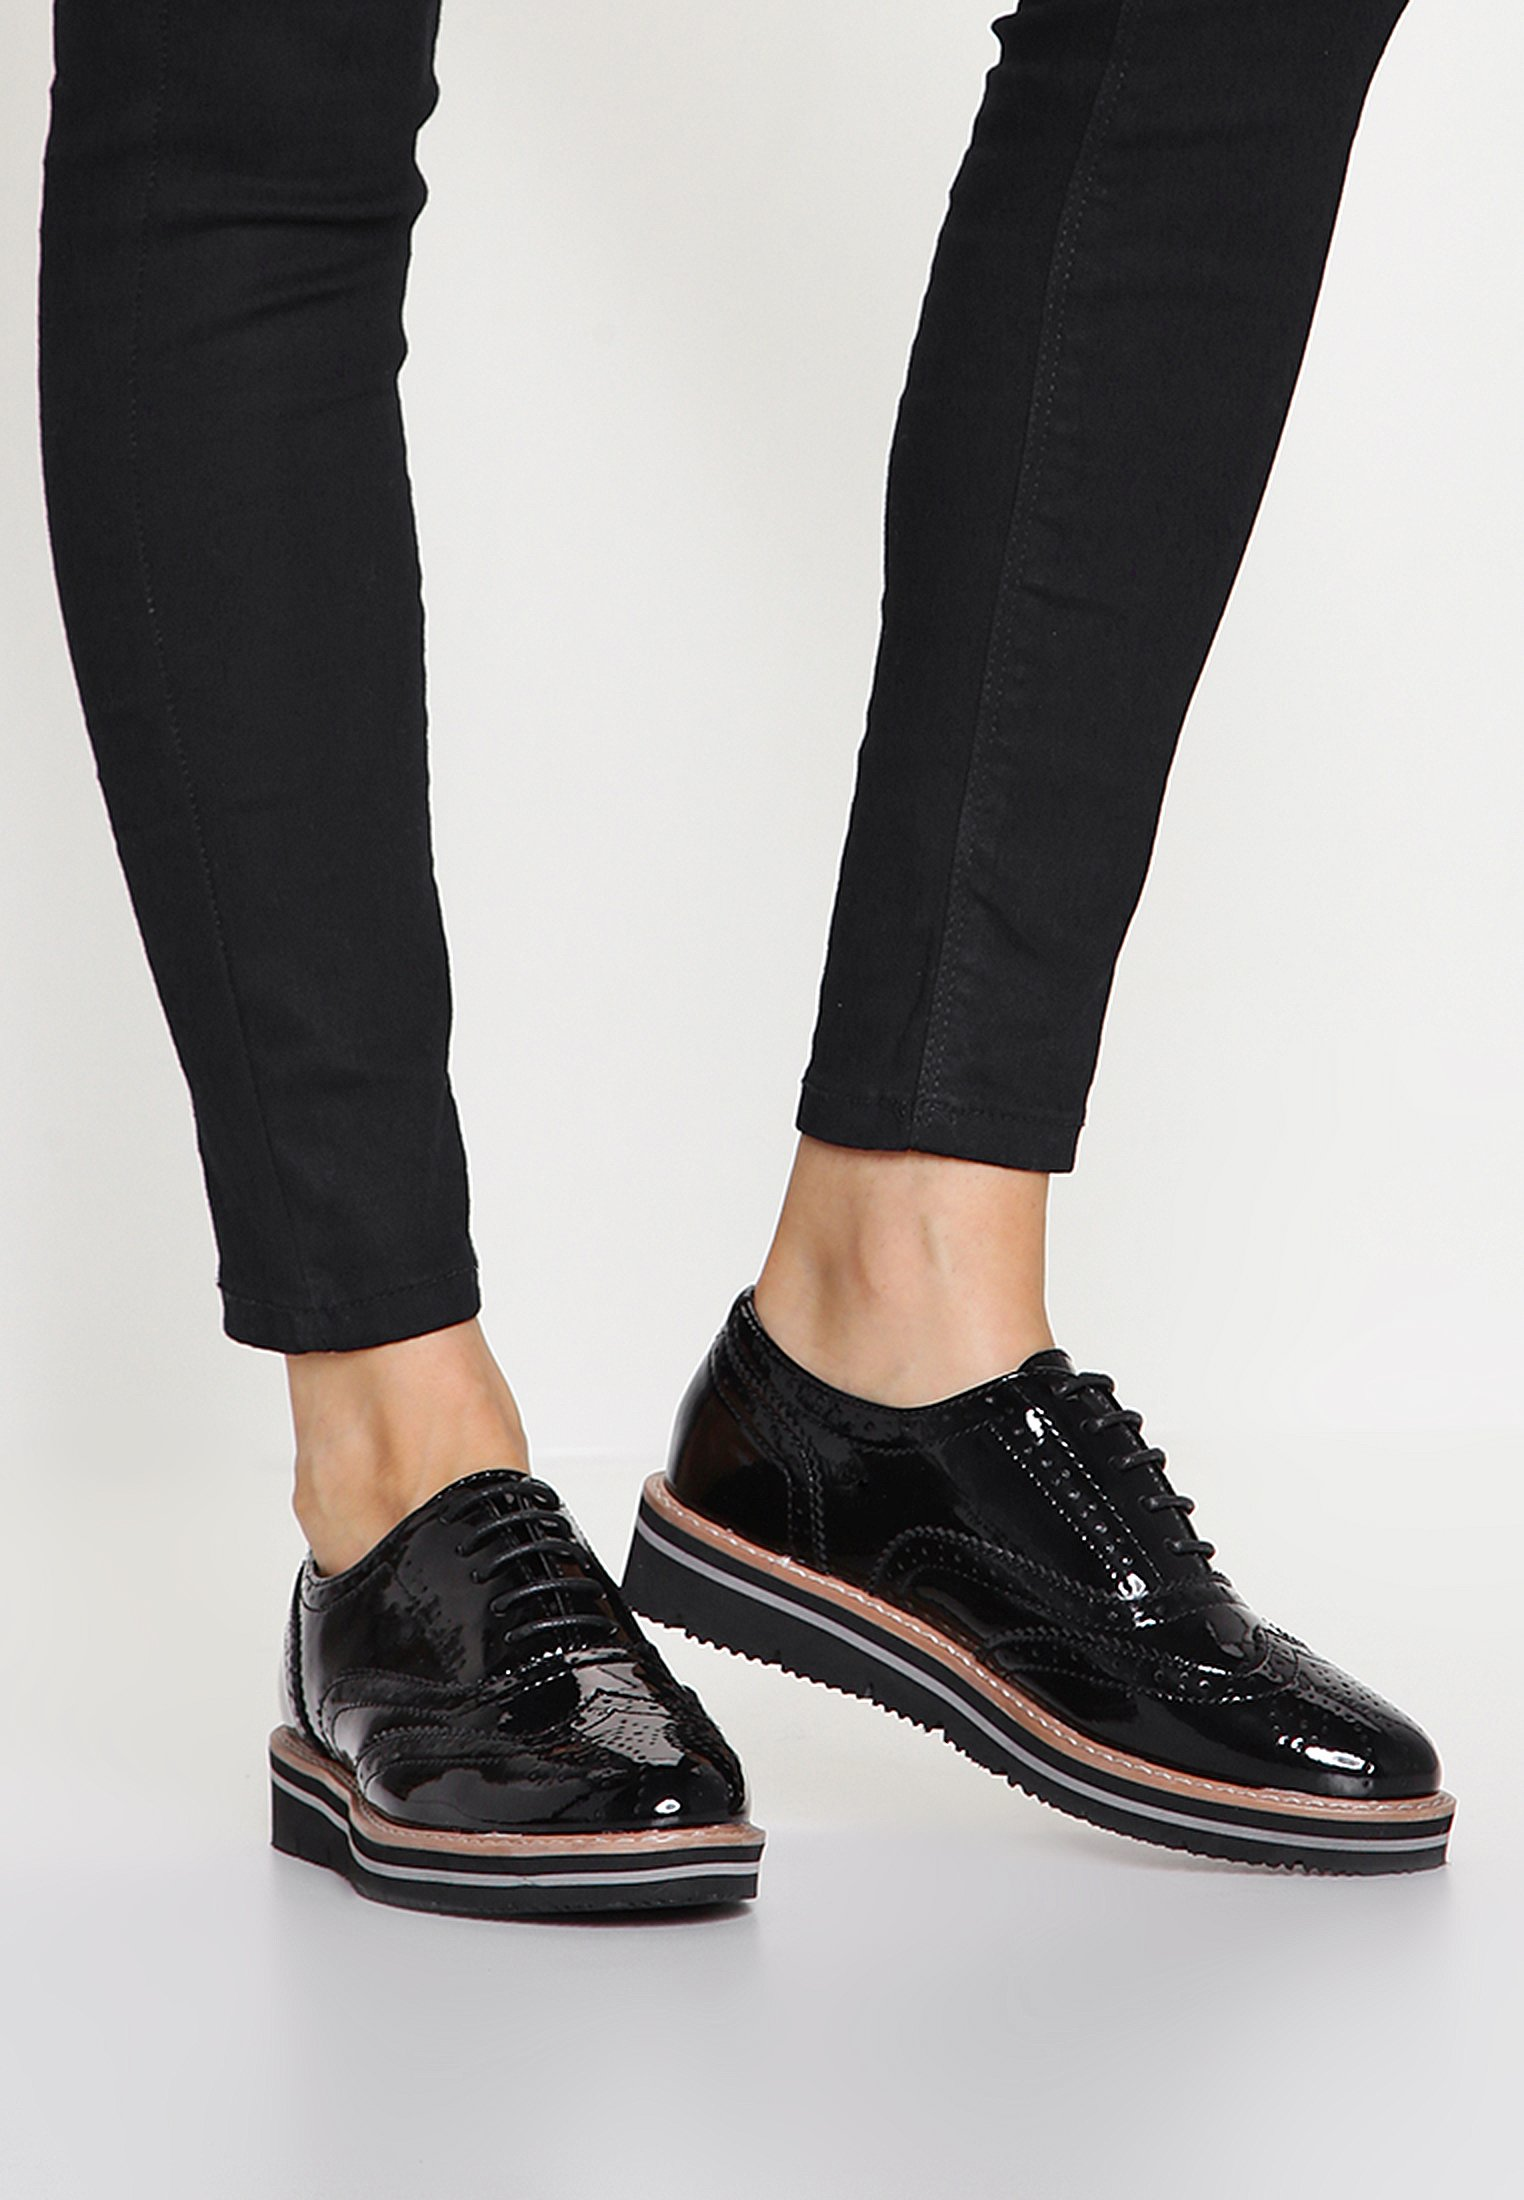 Chaussures femme en promo   Tous les articles chez Zalando